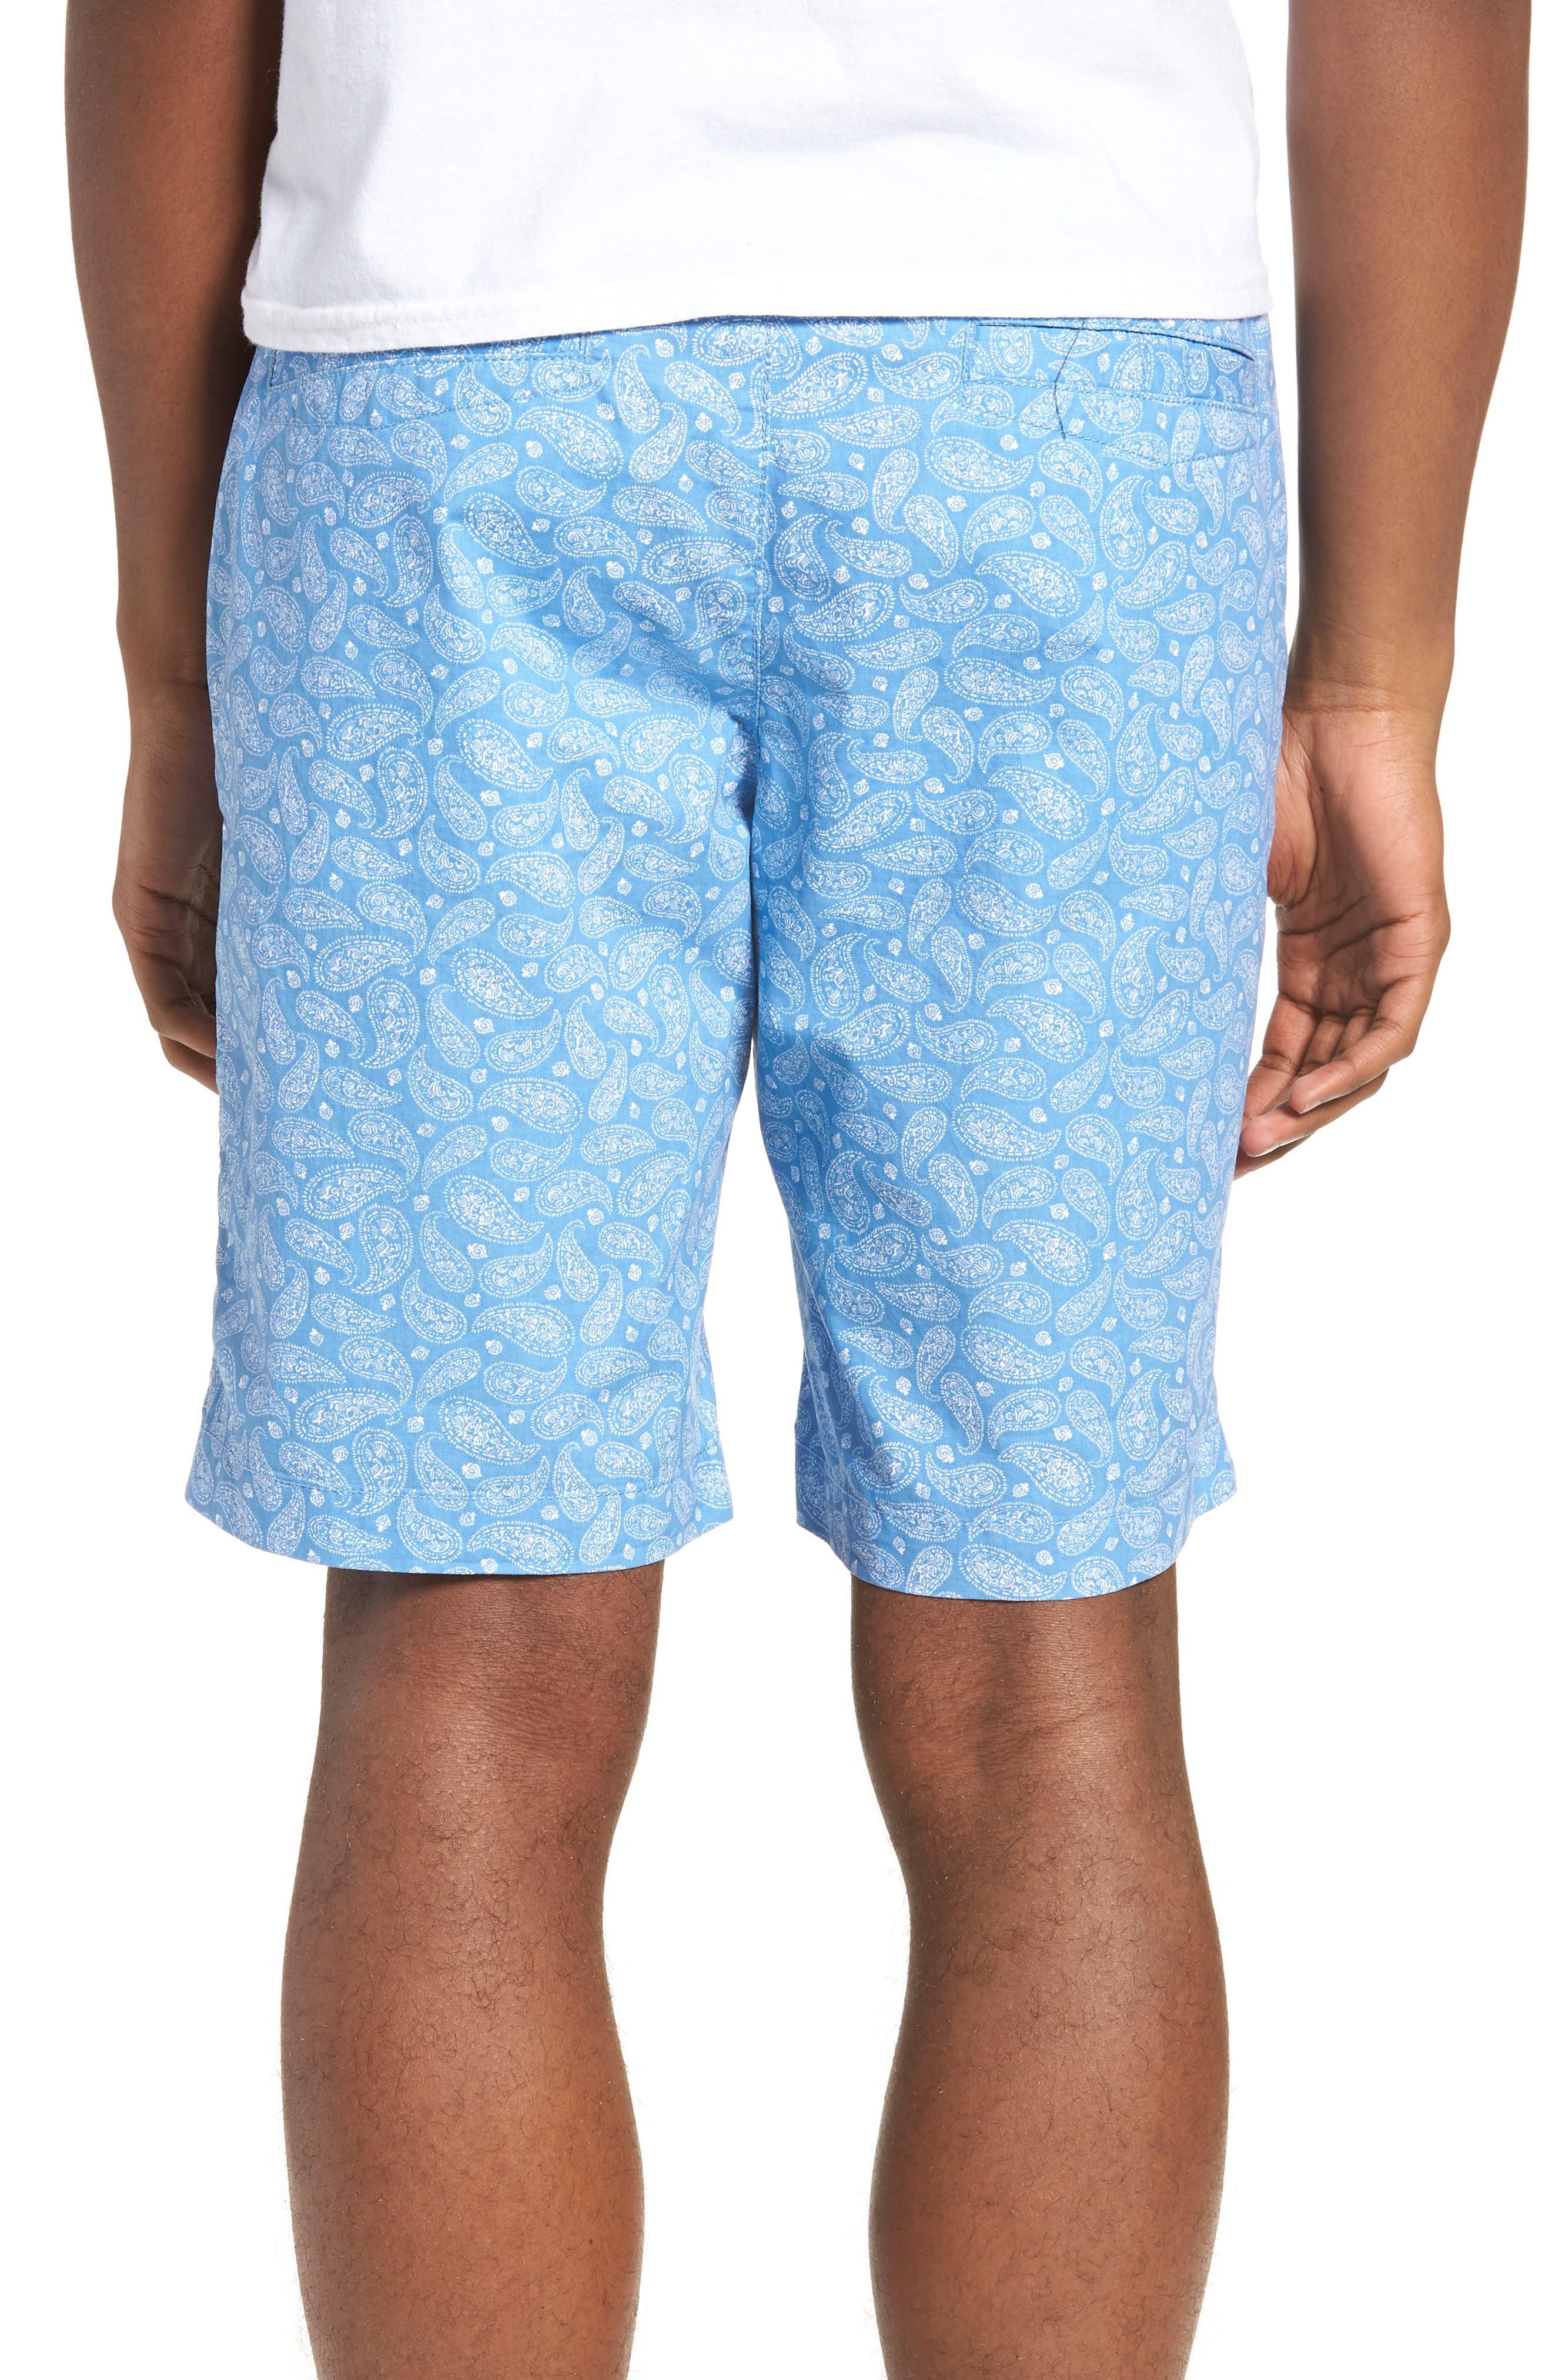 Bandana Paisley Print Shorts,                             Alternate thumbnail 2, color,                             Blue Lake Bandana Paisley